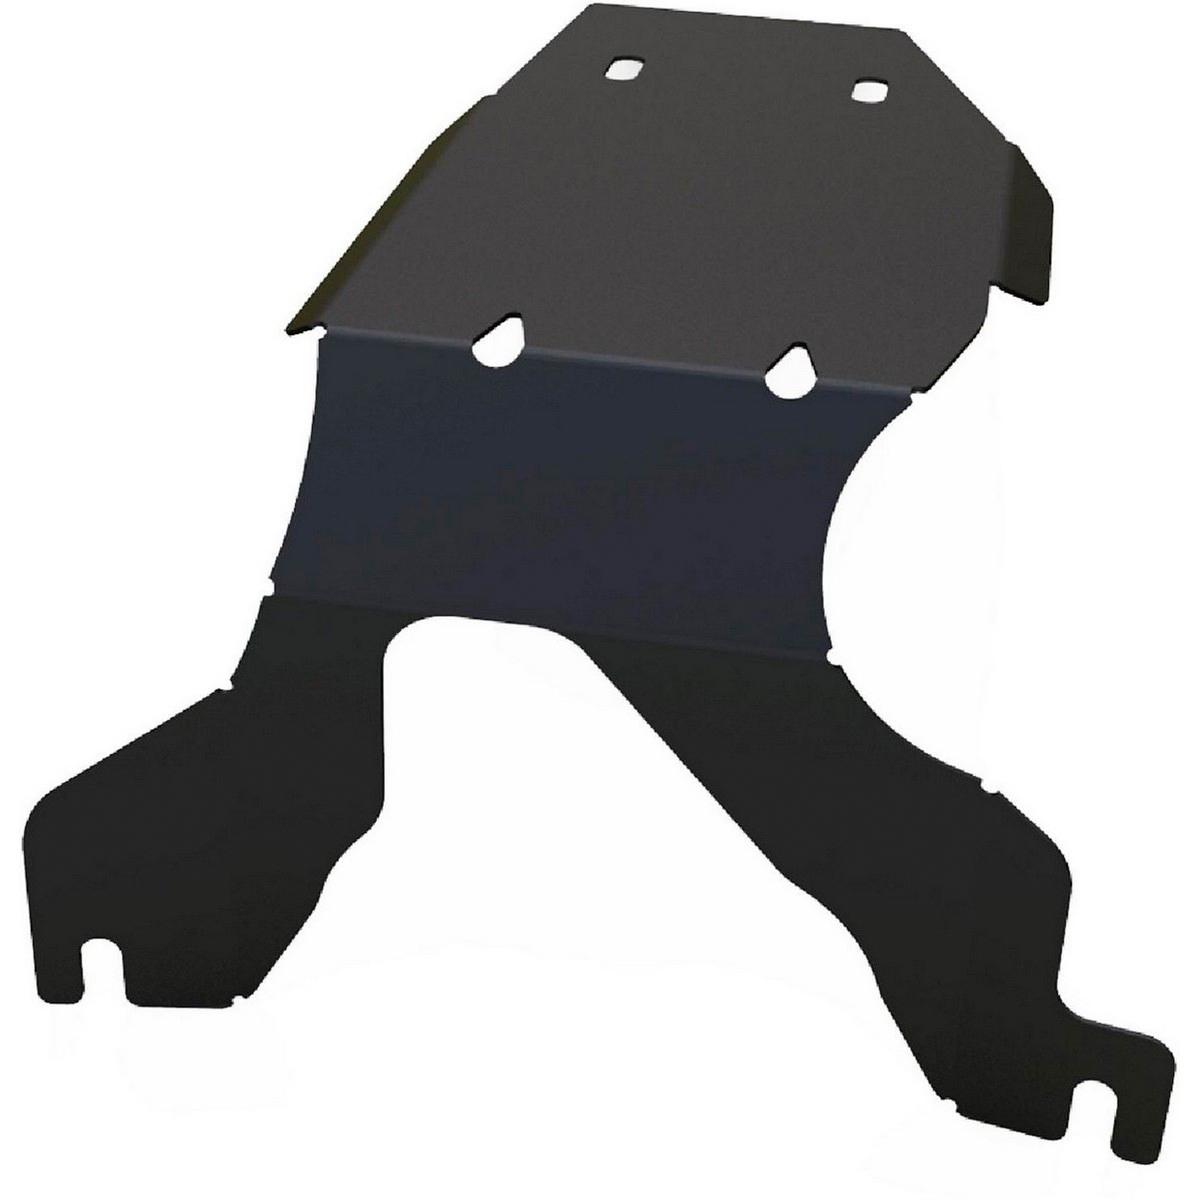 Защита редуктора Автоброня Subaru Legacy 2010-2015, сталь 2 мм111.05428.1Защита редуктора Автоброня Subaru Legacy 2010-2015, сталь 2 мм, комплект крепежа, 111.05428.1Стальные защиты Автоброня надежно защищают ваш автомобиль от повреждений при наезде на бордюры, выступающие канализационные люки, кромки поврежденного асфальта или при ремонте дорог, не говоря уже о загородных дорогах. - Имеют оптимальное соотношение цена-качество. - Спроектированы с учетом особенностей автомобиля, что делает установку удобной. - Защита устанавливается в штатные места кузова автомобиля. - Является надежной защитой для важных элементов на протяжении долгих лет. - Глубокий штамп дополнительно усиливает конструкцию защиты. - Подштамповка в местах крепления защищает крепеж от срезания. - Технологические отверстия там, где они необходимы для смены масла и слива воды, оборудованные заглушками, закрепленными на защите. Толщина стали 2 мм. В комплекте крепеж и инструкция по установке.Уважаемые клиенты! Обращаем ваше внимание на тот факт, что защита имеет форму, соответствующую модели данного автомобиля. Наличие глубокого штампа и лючков для смены фильтров/масла предусмотрено не на всех защитах. Фото служит для визуального восприятия товара.